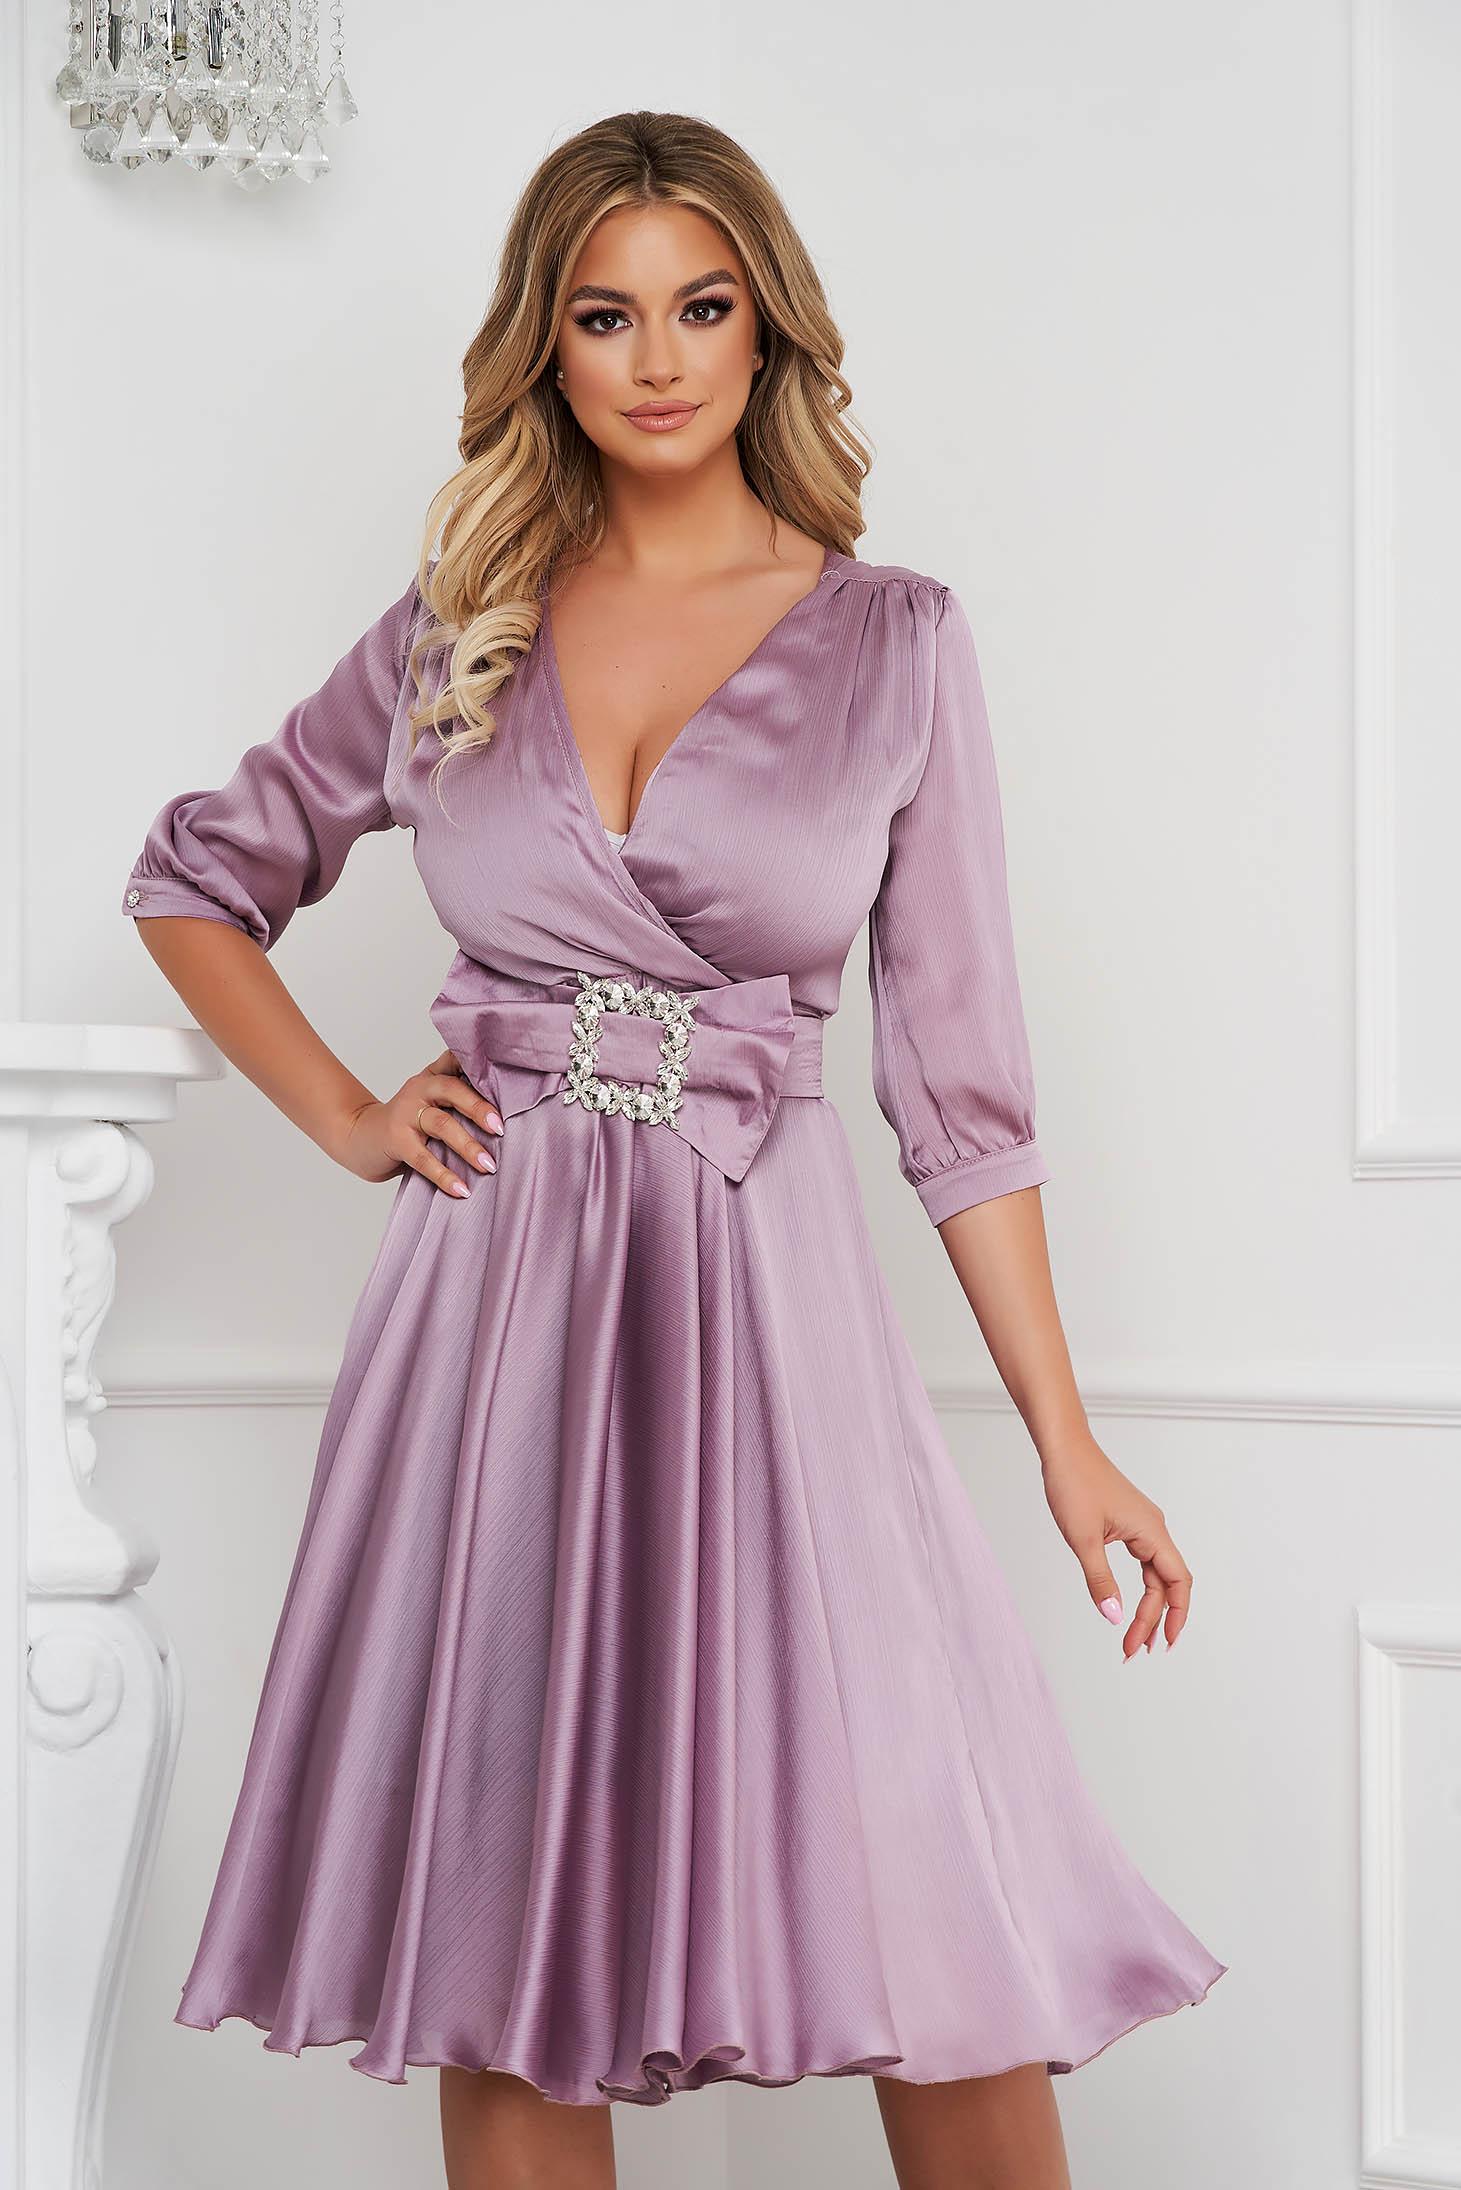 Világos lila elegáns midi harang ruha szaténból, csatokkal ellátva